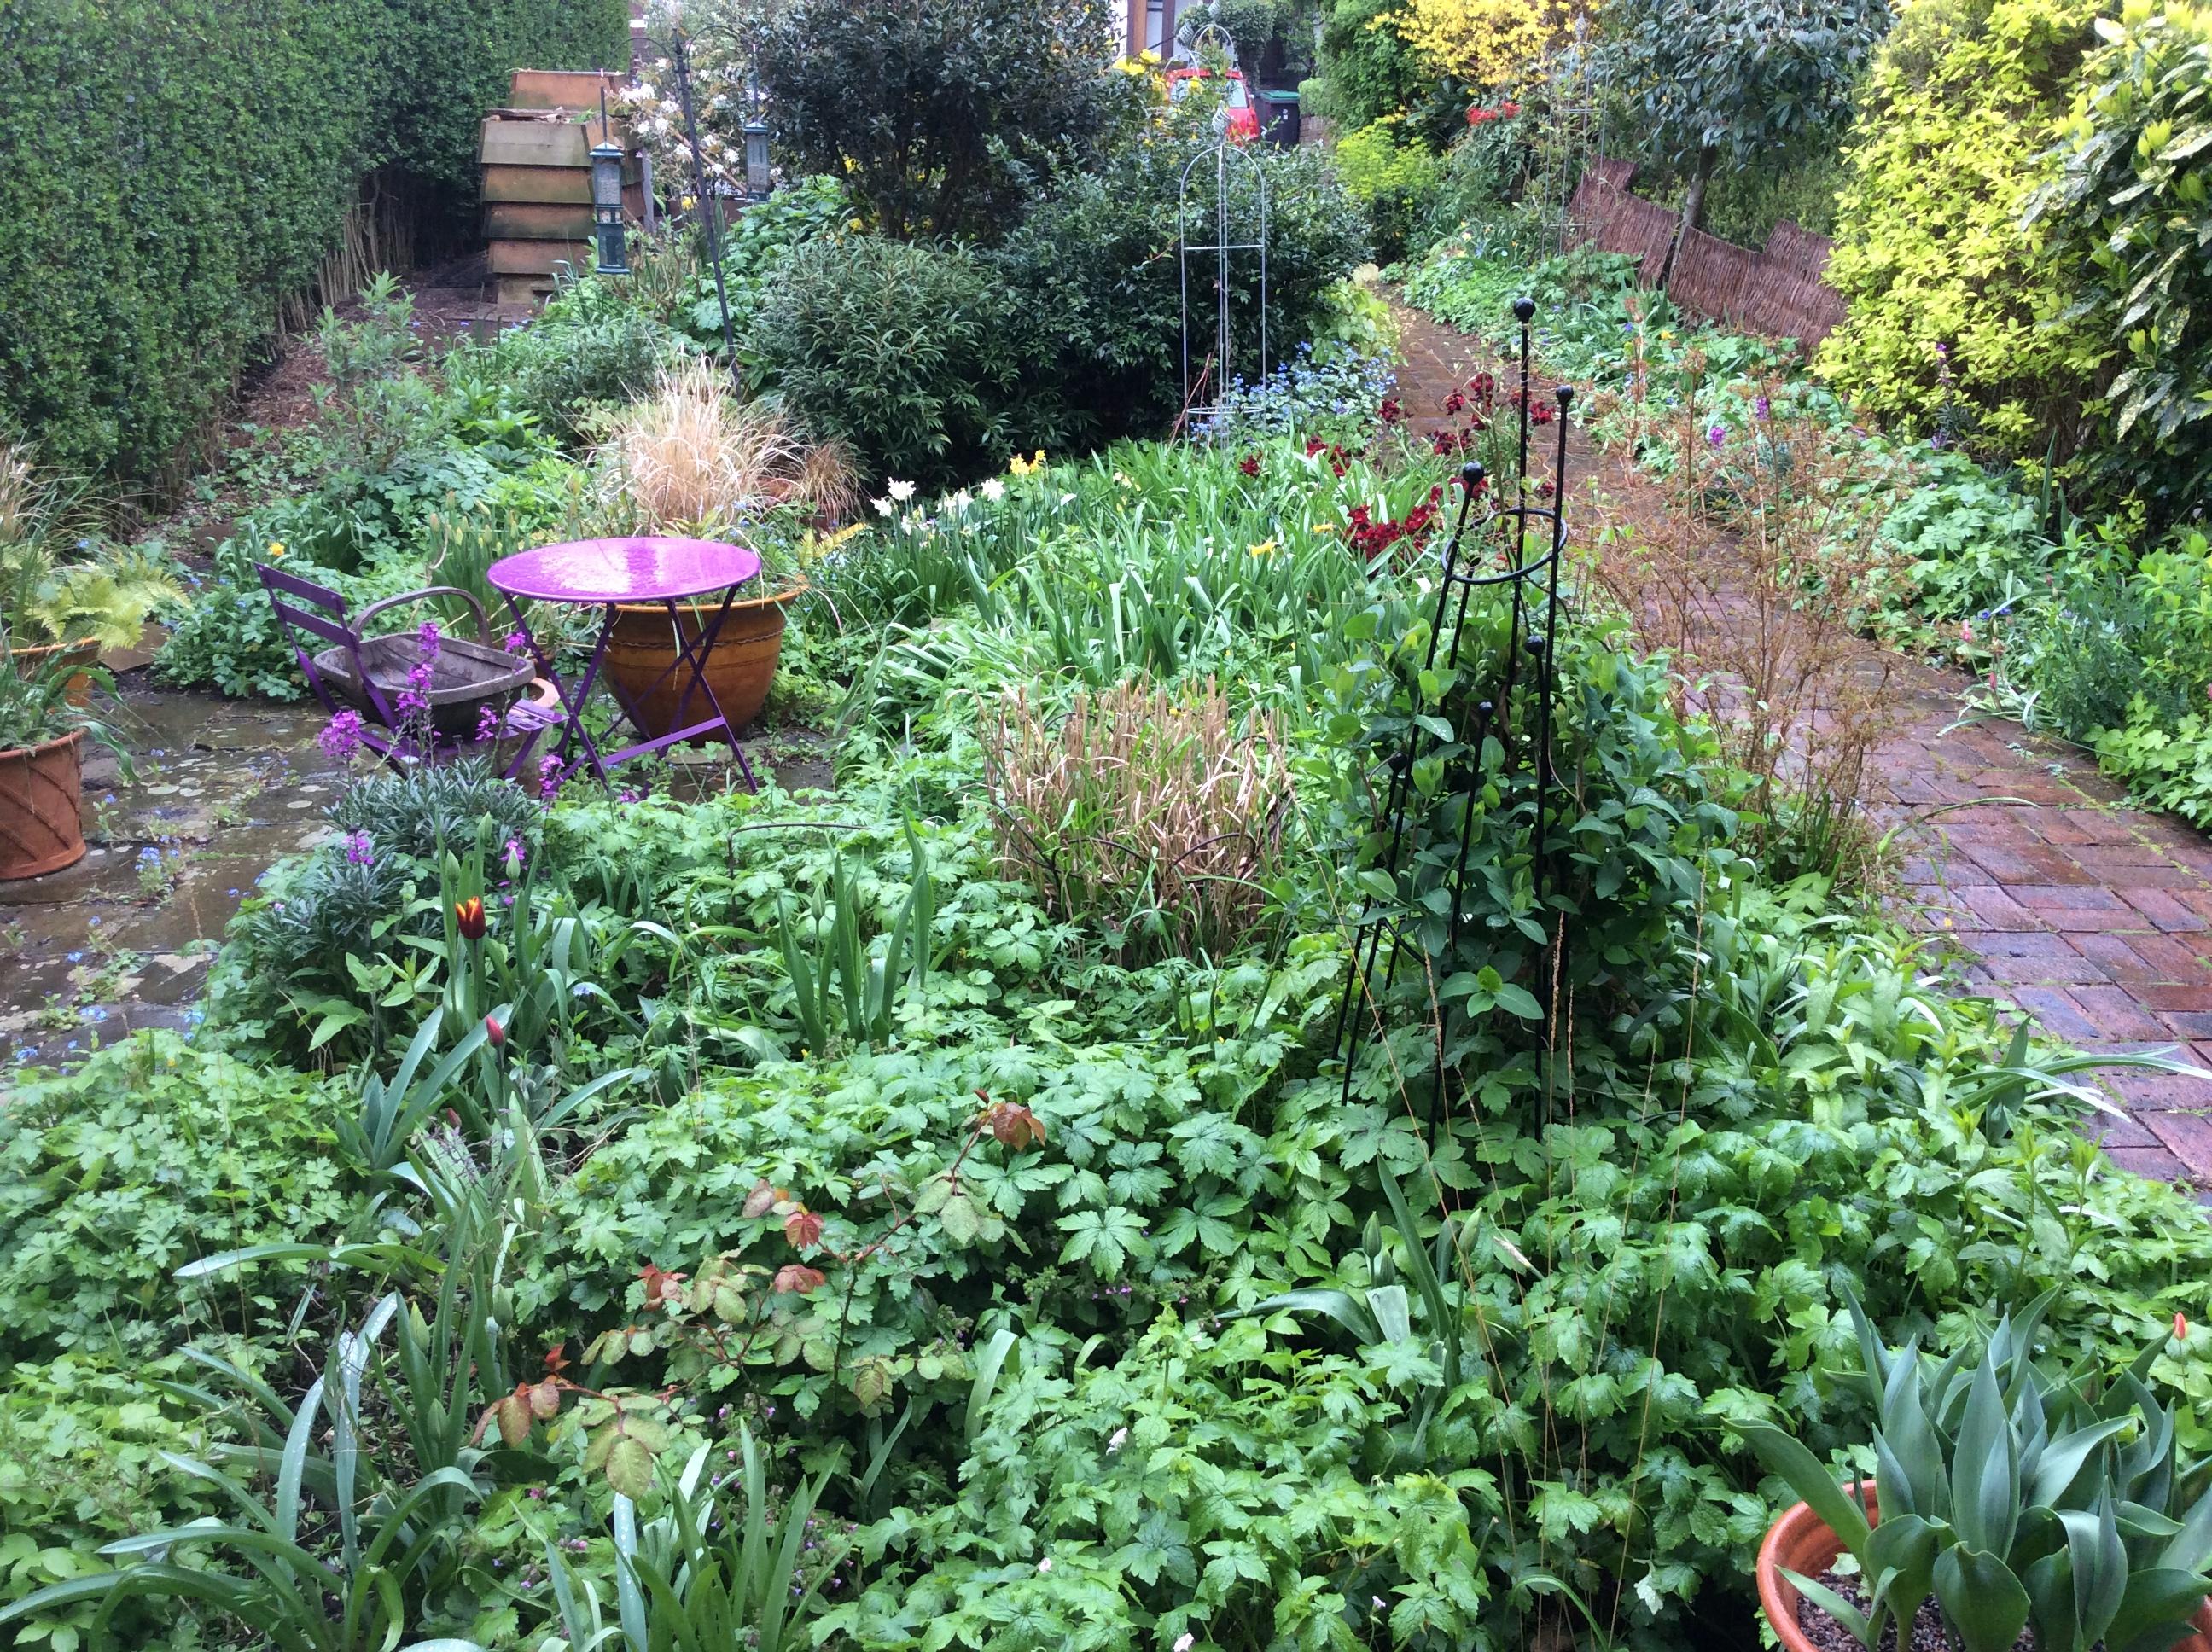 London cottage garden view